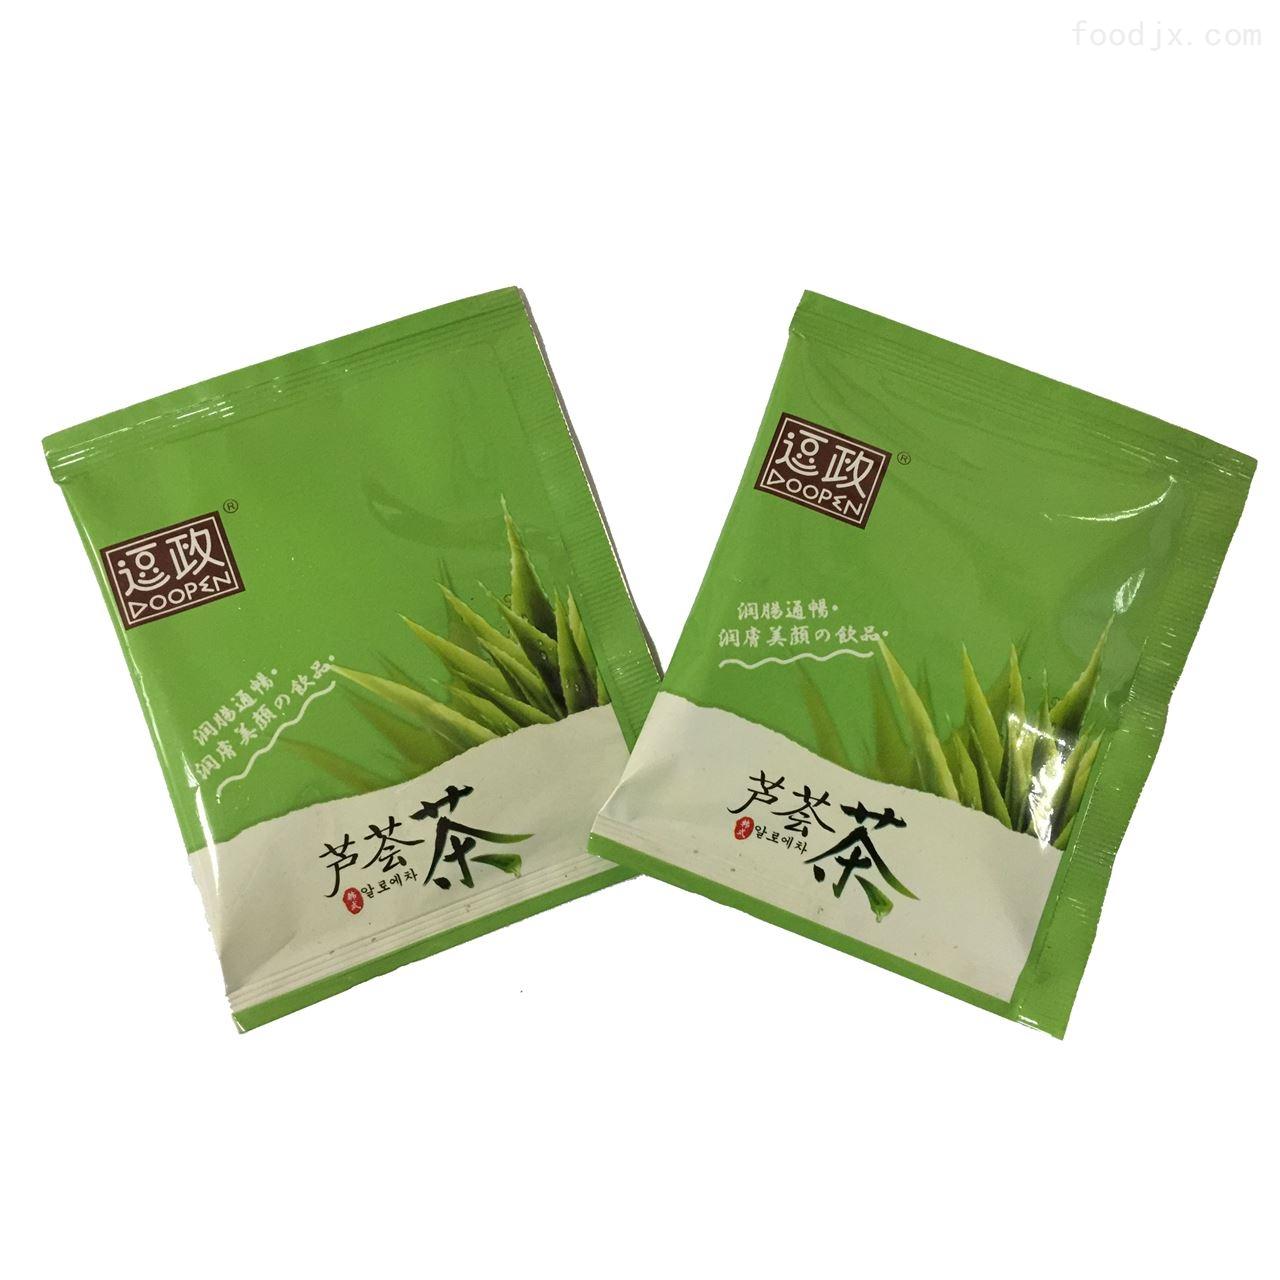 水果茶自动包装机 茴香混合袋泡茶包装设备